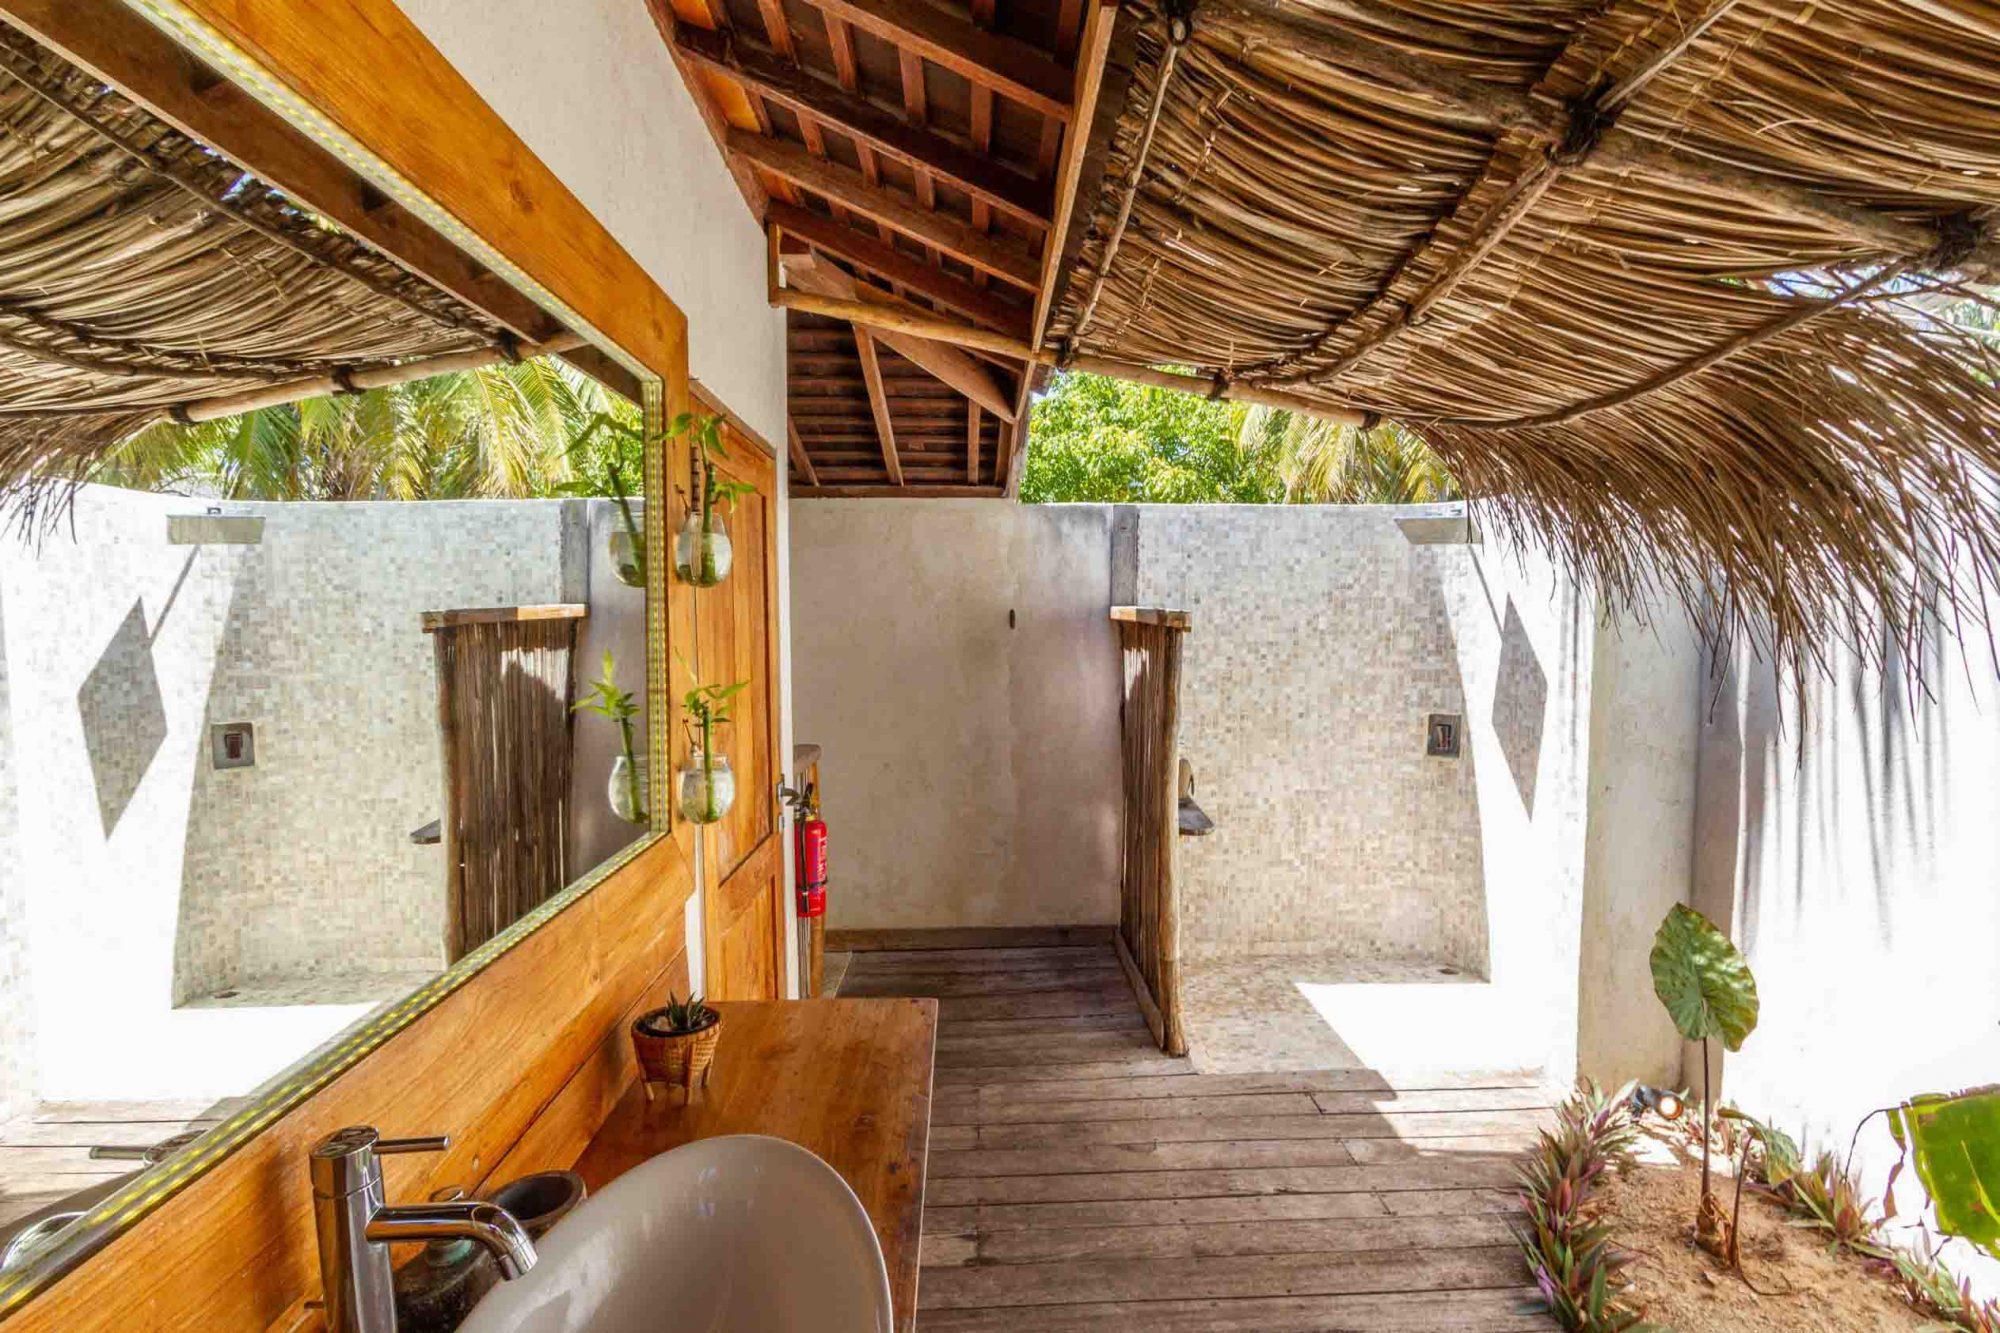 Exterior bathroom rote island